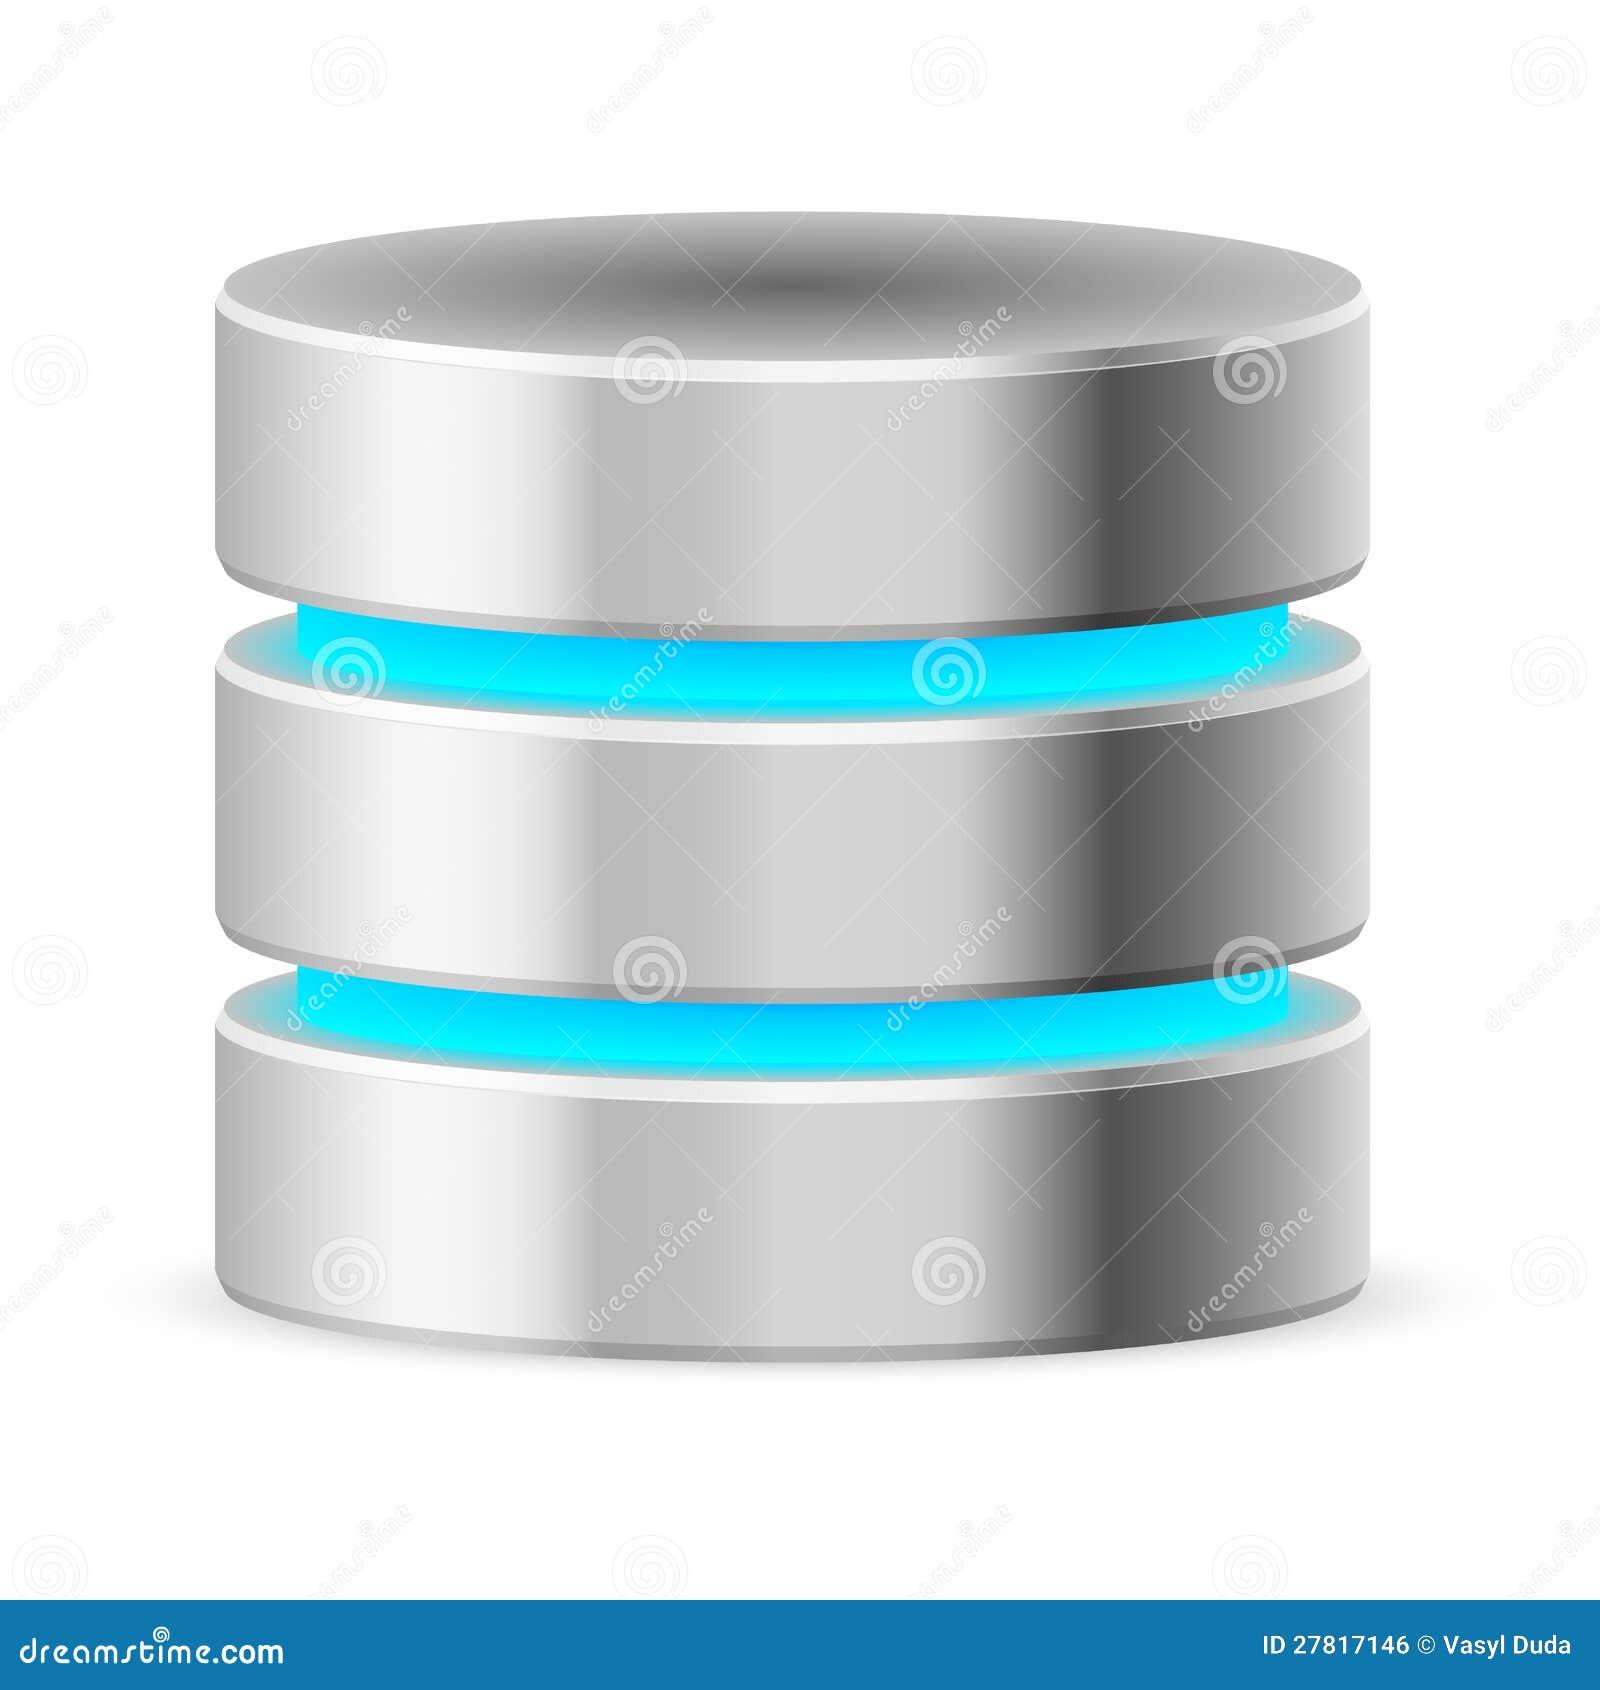 Icono De La Base De Datos Imagen de archivo libre de regalías - Imagen: 27817146